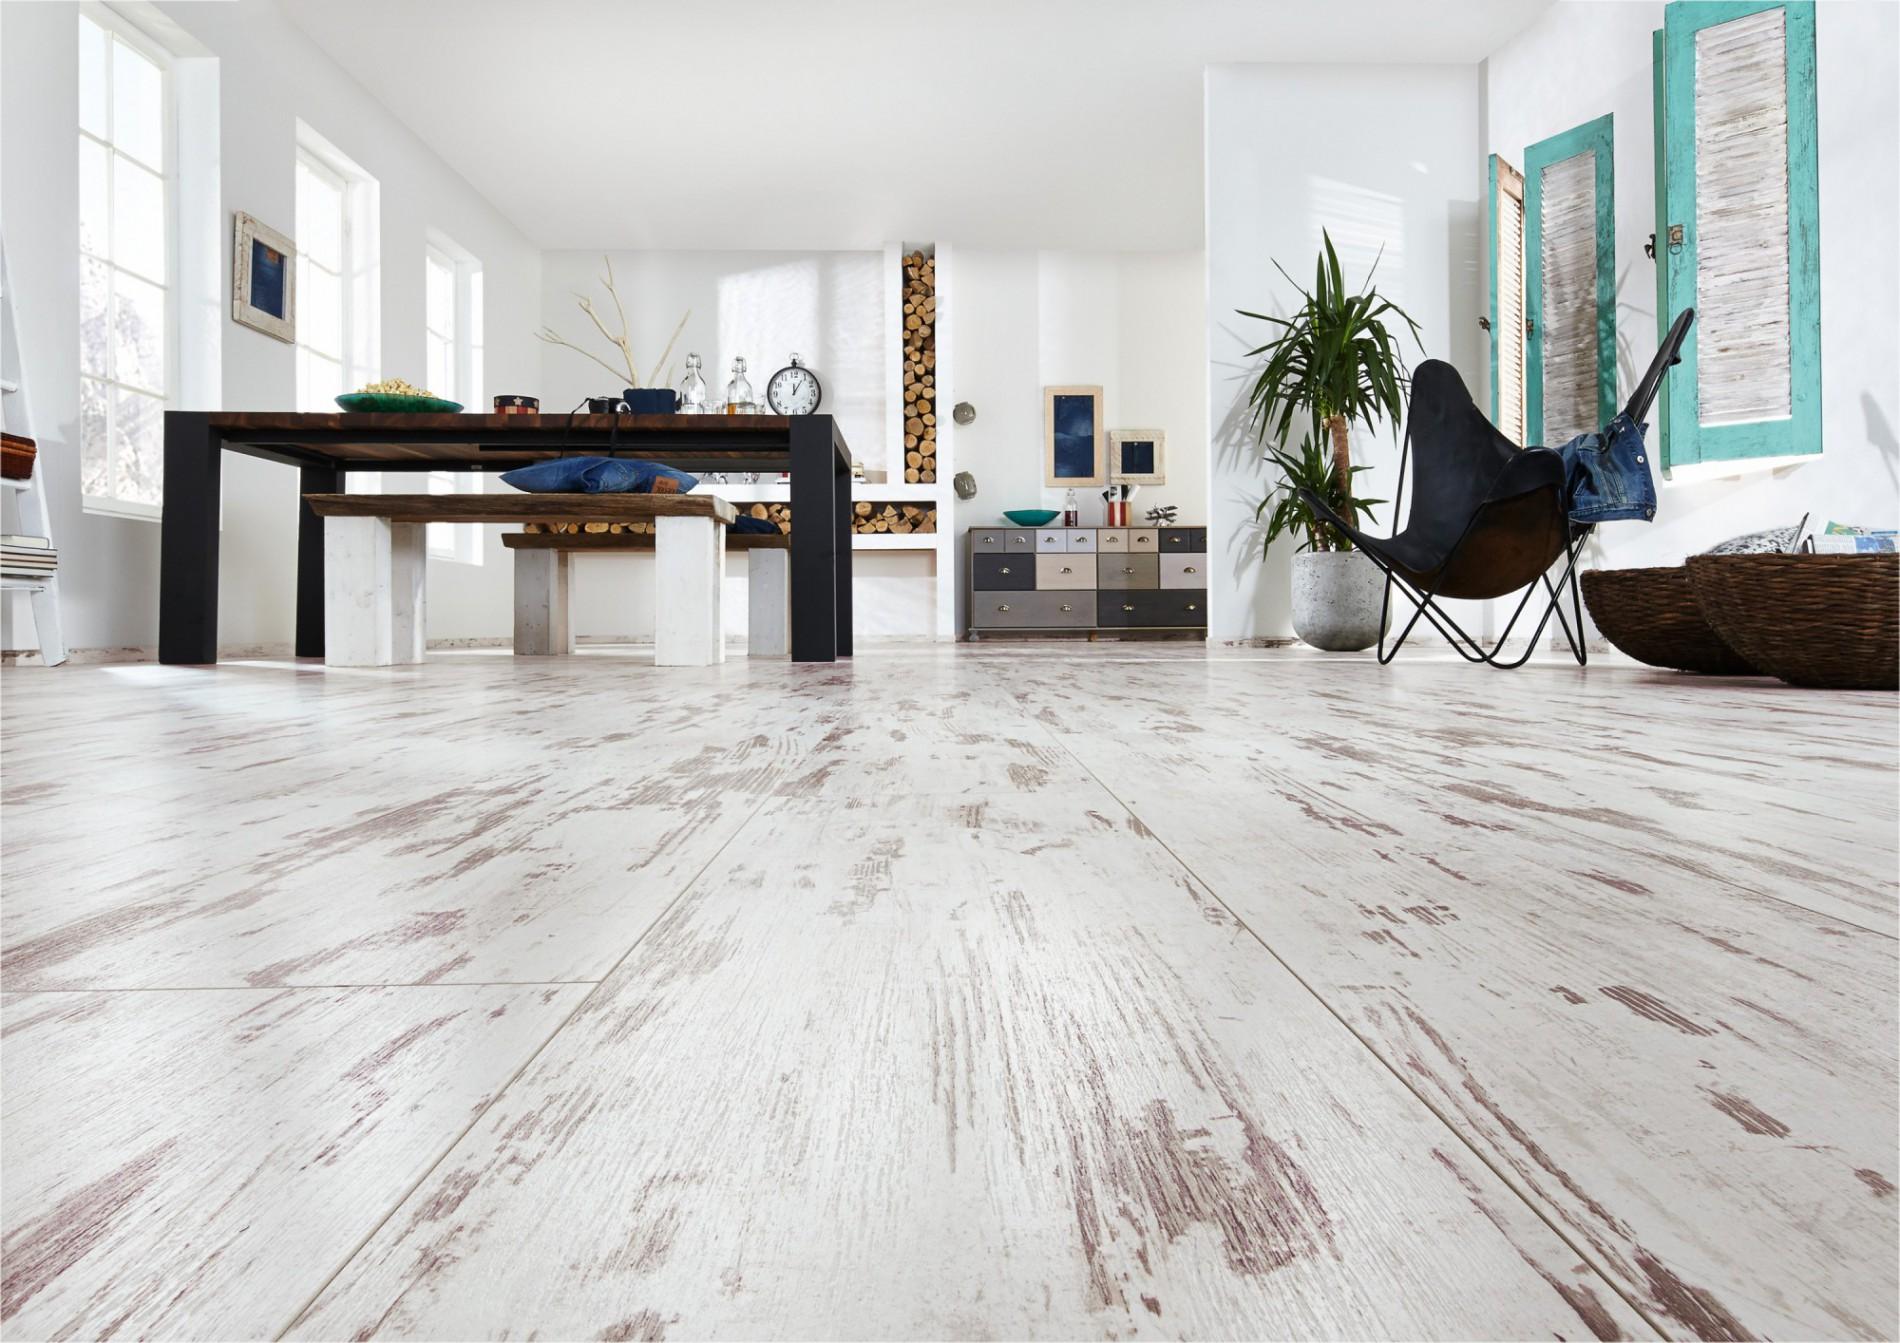 Fußbodenbelag Design ~ Fussbodenbeläge malerpalast in cloppenburg